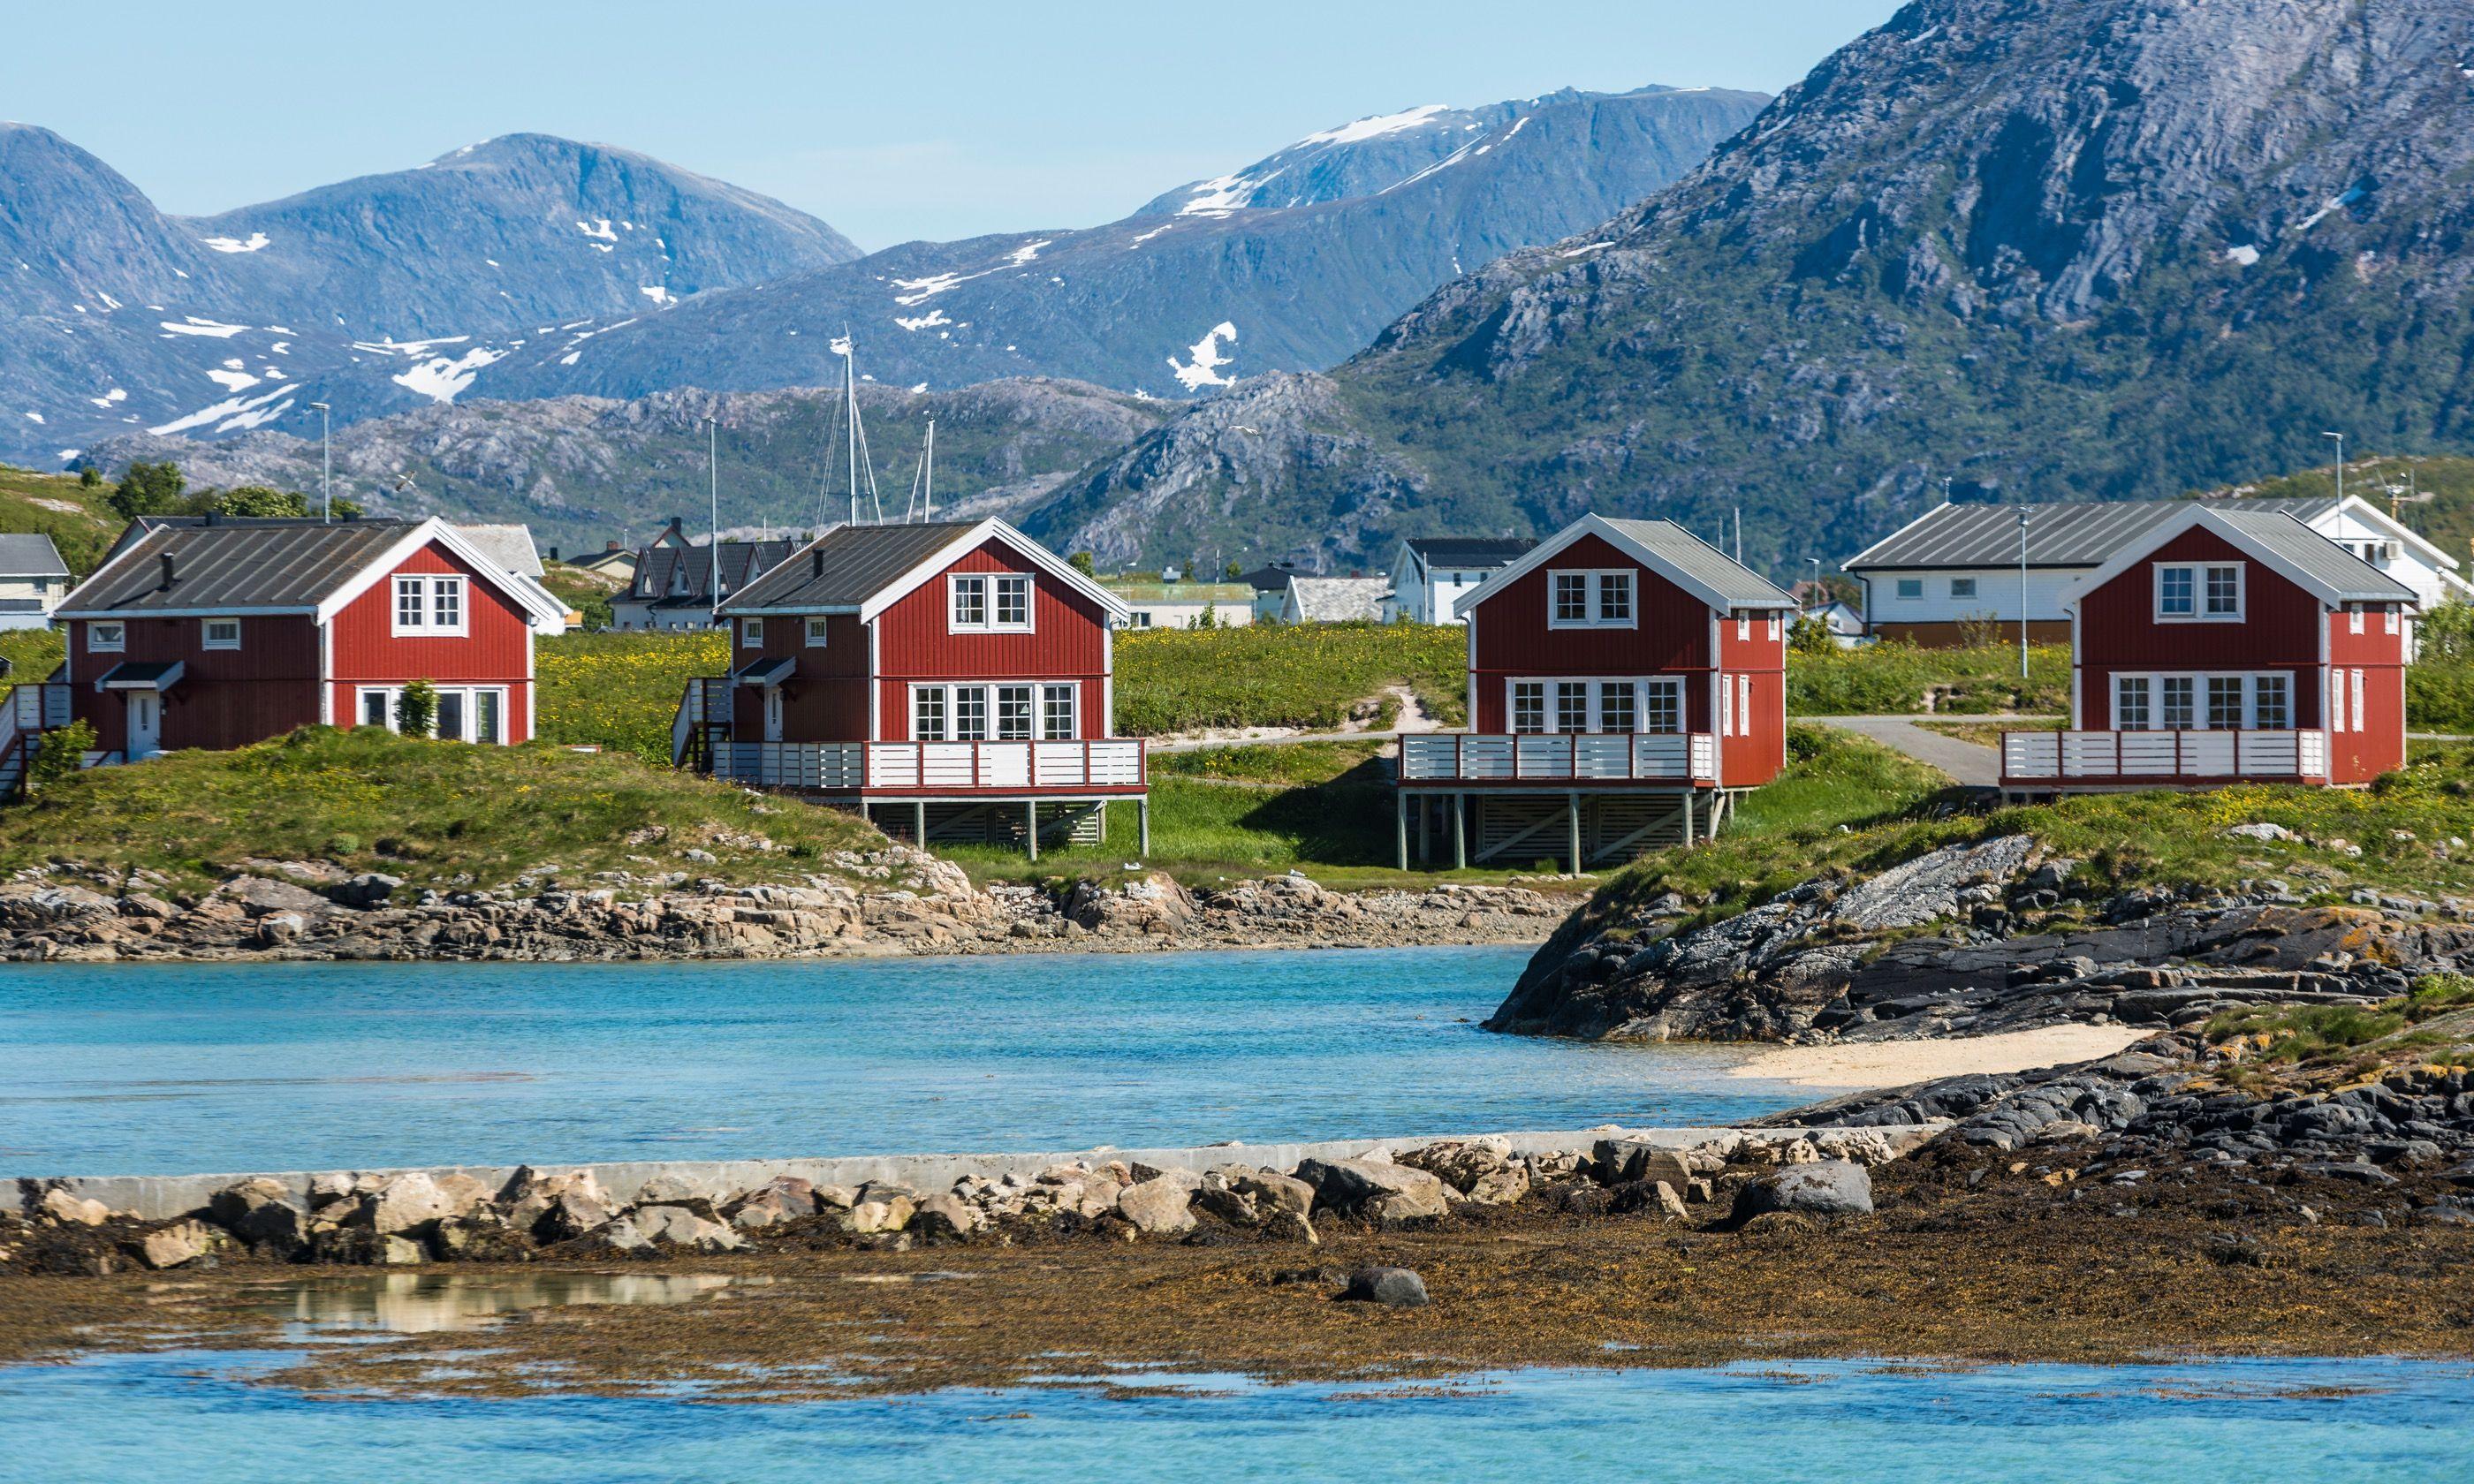 Sommarøy in summer (Shutterstock.com)